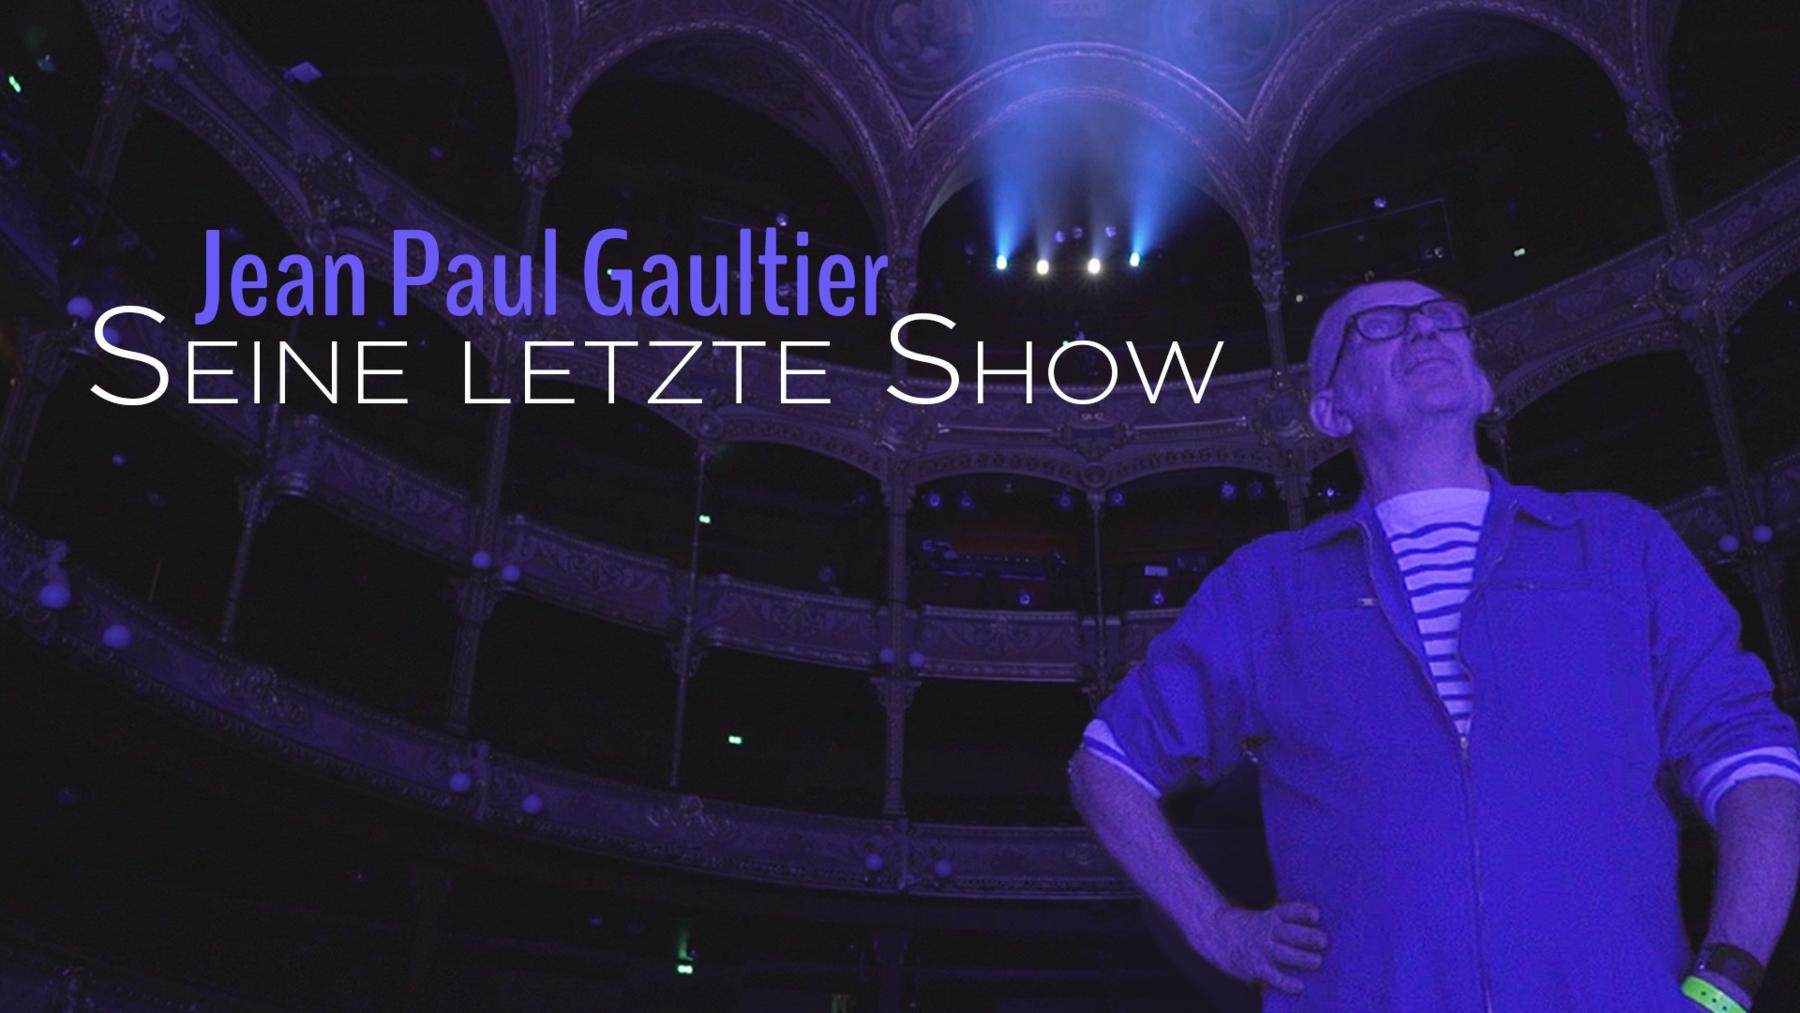 Jean Paul Gaultier: Seine letzte Show